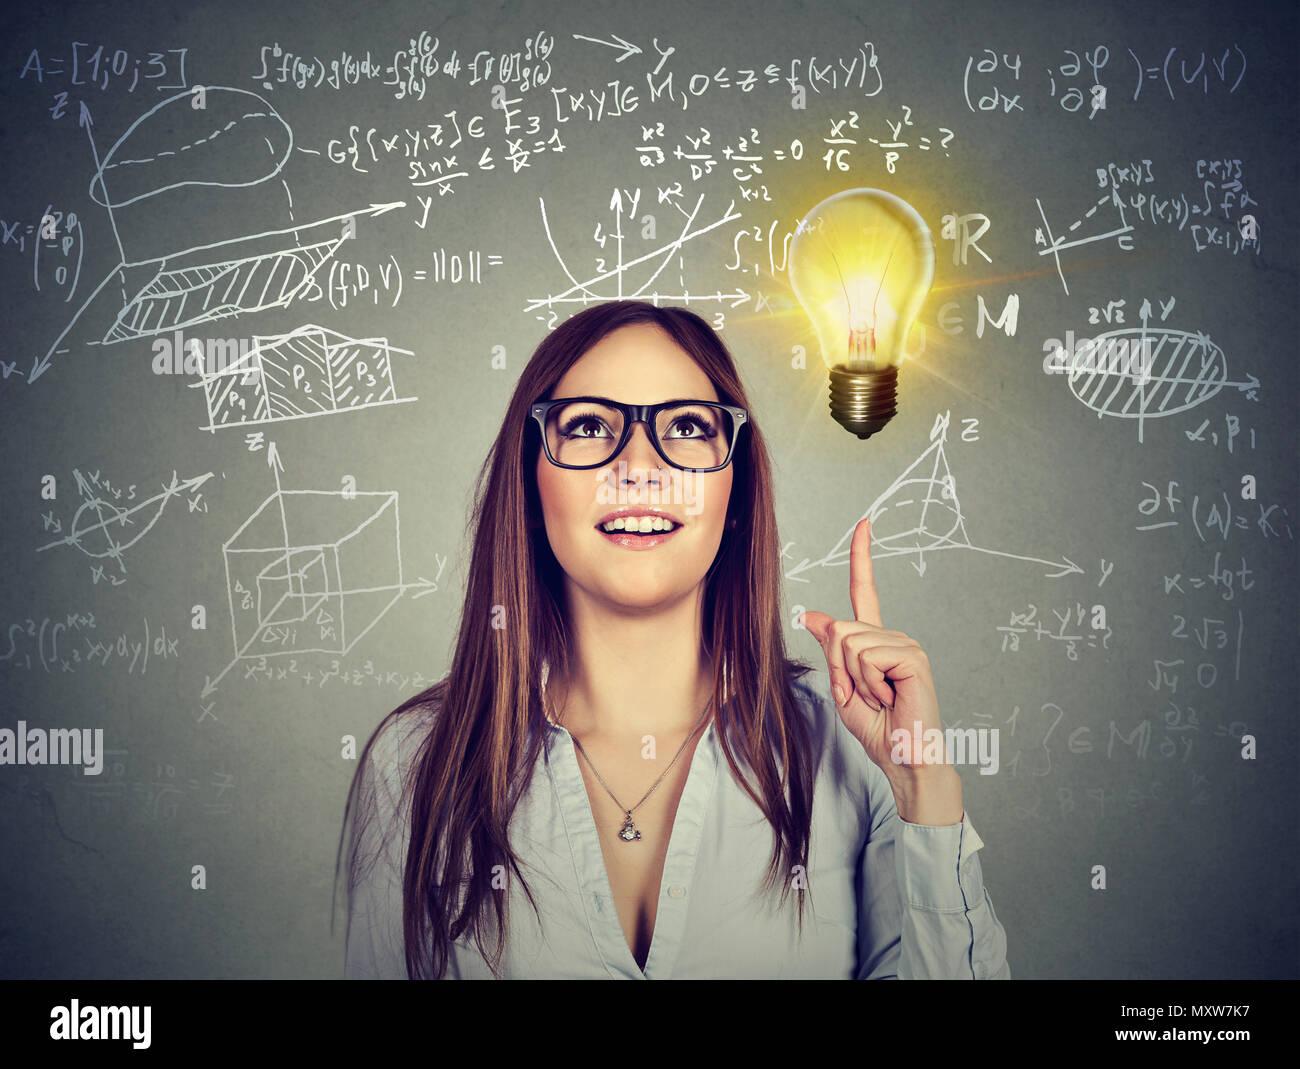 Ziemlich smart Brünette in Gläsern nach oben in die Erleuchtung der Lösung und kreative Idee Stockbild